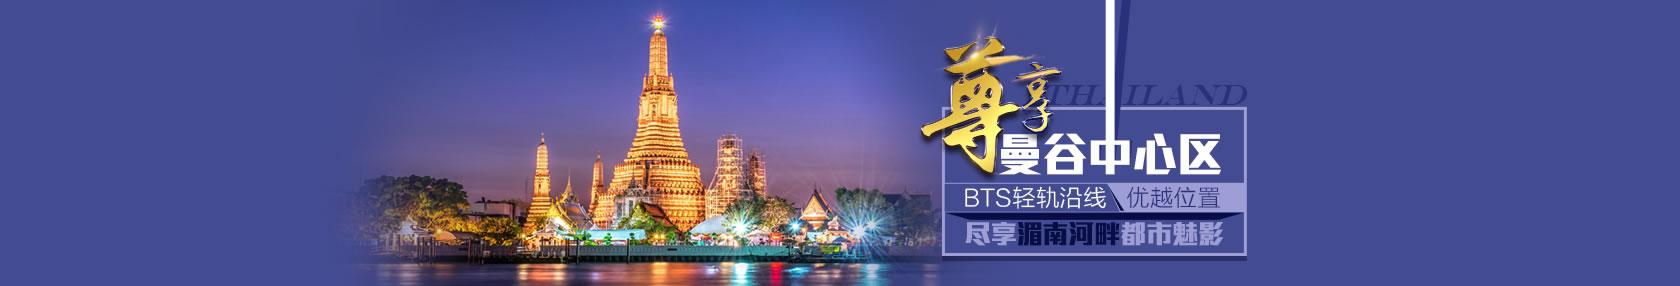 【泰国房产】曼谷城市中心区BTS轻轨沿线优越位置,尽赏湄南河畔都市魅影。